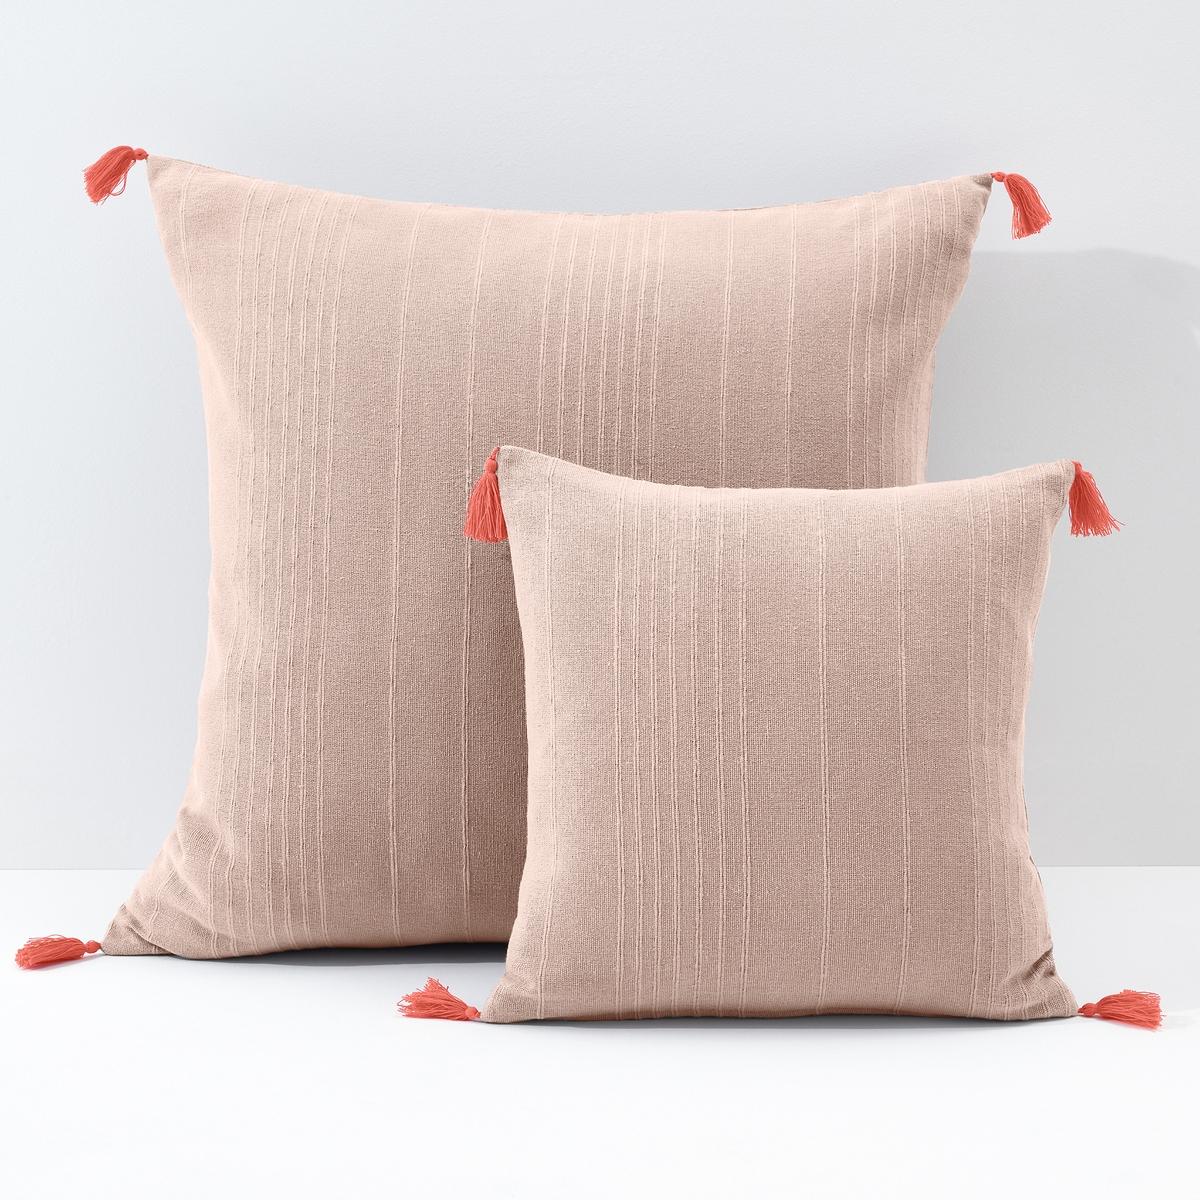 Чехол для подушки или наволочка однотонного цвета с помпонами, RIADХарактеристики чехла для подушки  Riad :100% хлопок (260 к/м?).Отделка контрастными помпонами.Размер подушки 40 x 40 см: скрытая застёжка на молнию сзади.Размер подушки 65 x 65 см : клапан сзади.Коллекцию подушек Terra, а также другие предметы коллекции Riad Вы найдете на laredoute.ruЗнак Oeko-Tex® гарантирует, что товары прошли проверку и были изготовлены без применения вредных для здоровья человека веществ.<br><br>Цвет: белый/ черный,Бледно-розовый/коралловый,серый/ розовый,сине-зеленый/желтый<br>Размер: 40 x 40  см.40 x 40  см.65 x 65  см